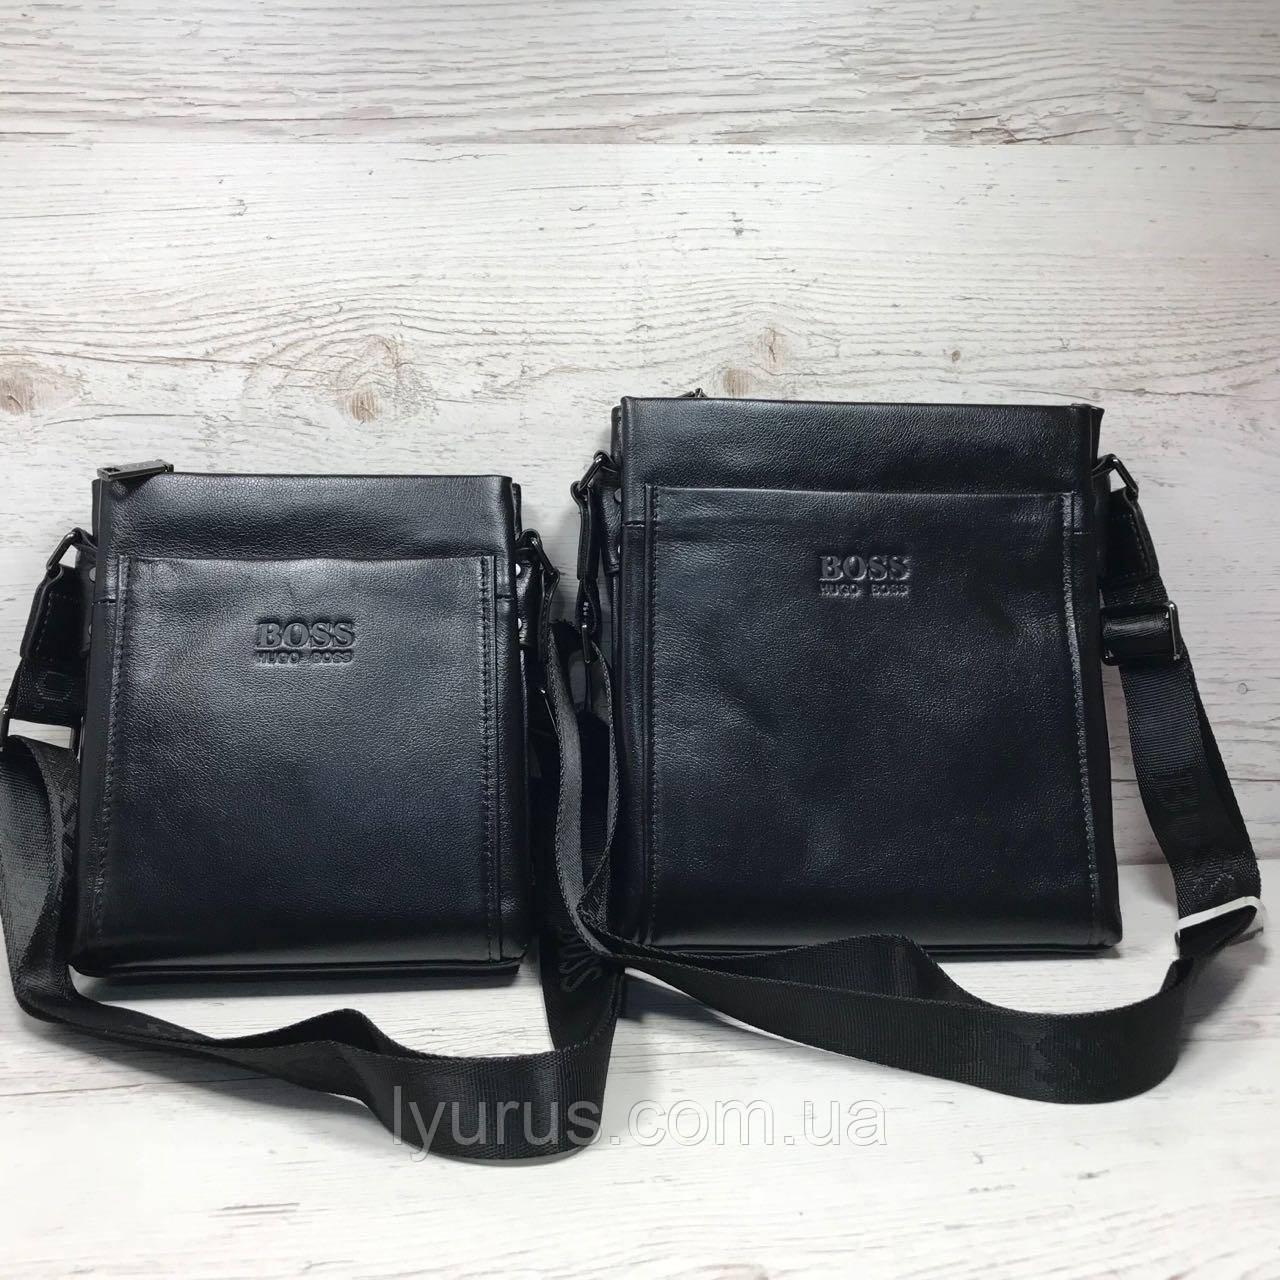 Мужская кожаная сумка мессенджер  Hugo Boss ширина 21 и высота 23